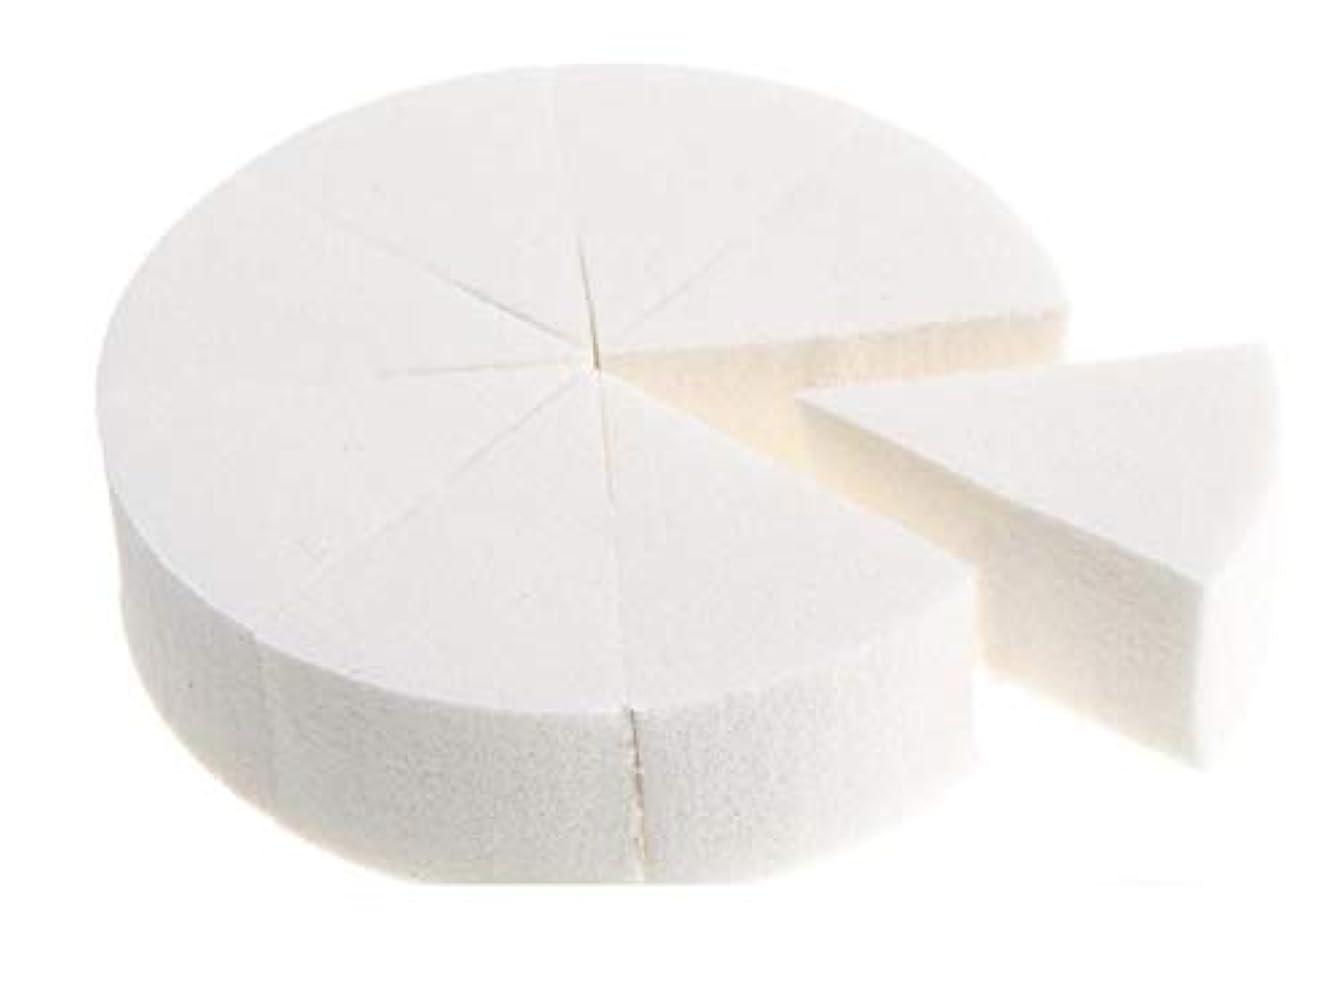 美容スポンジ、柔らかい8部分の三角形の構造のスポンジのパフの構造のミキサー (Color : ホワイト)